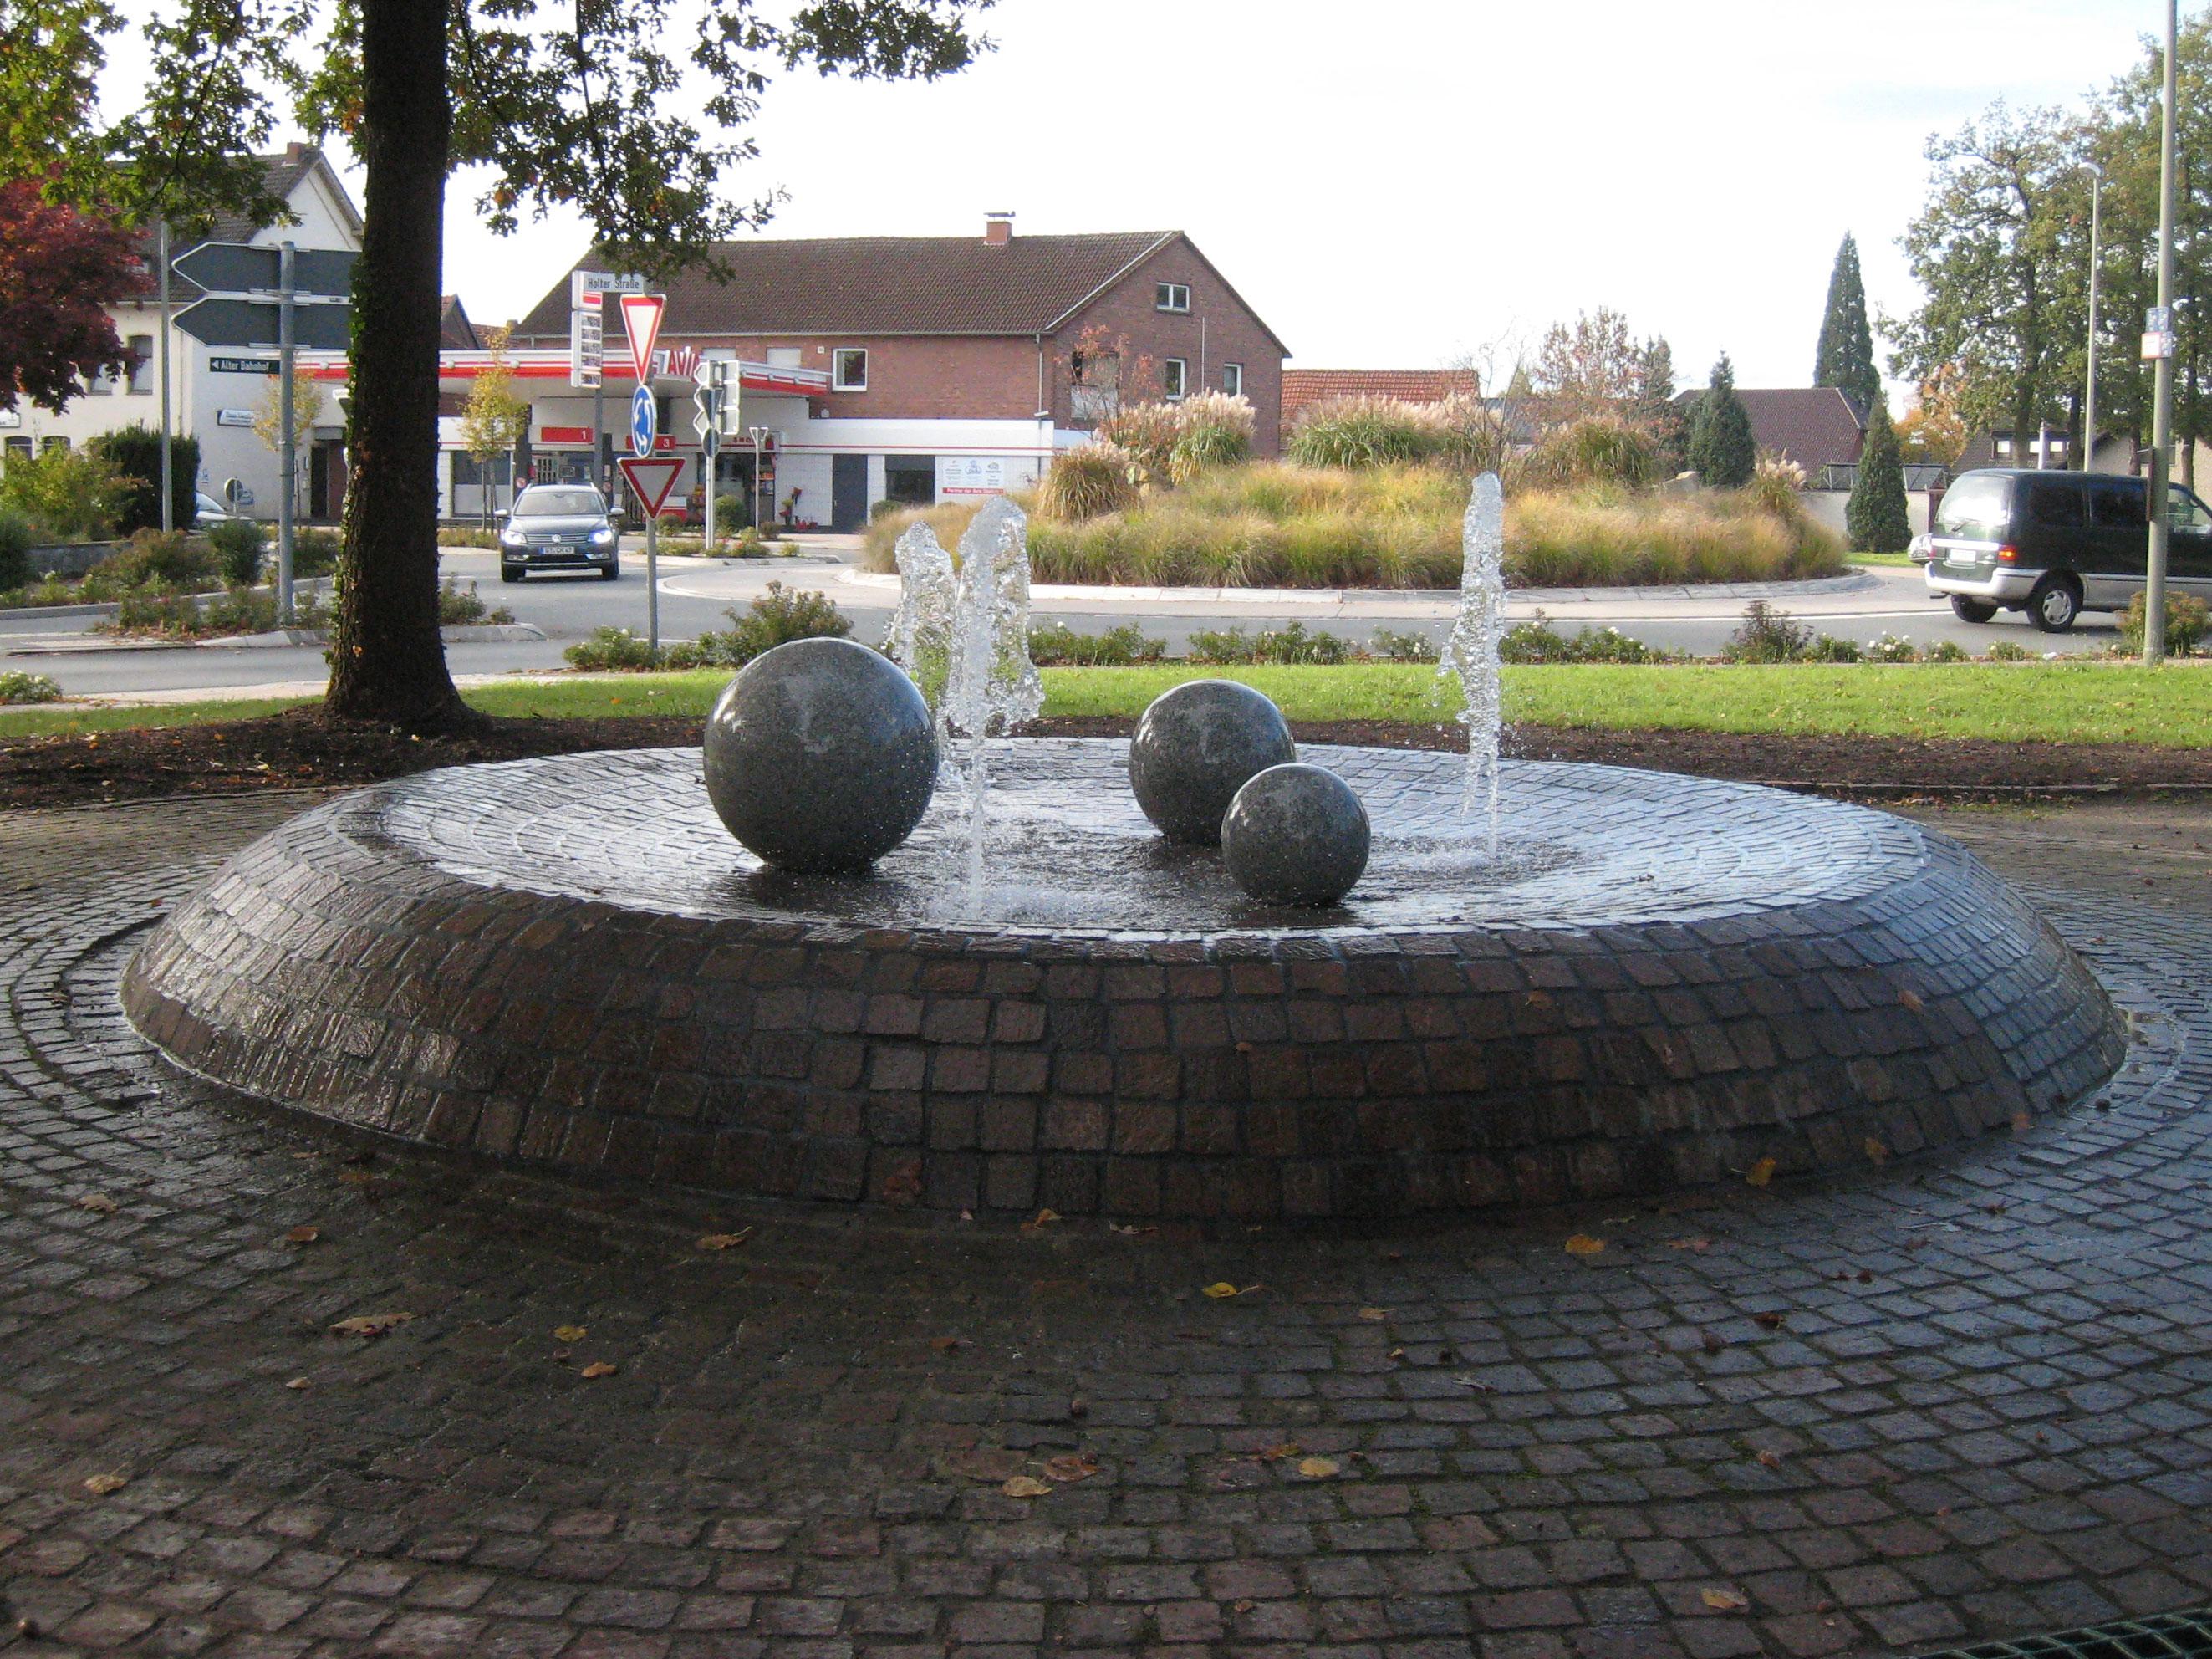 granitkugelbrunnen-bodenduesen4_4x3_web.jpg